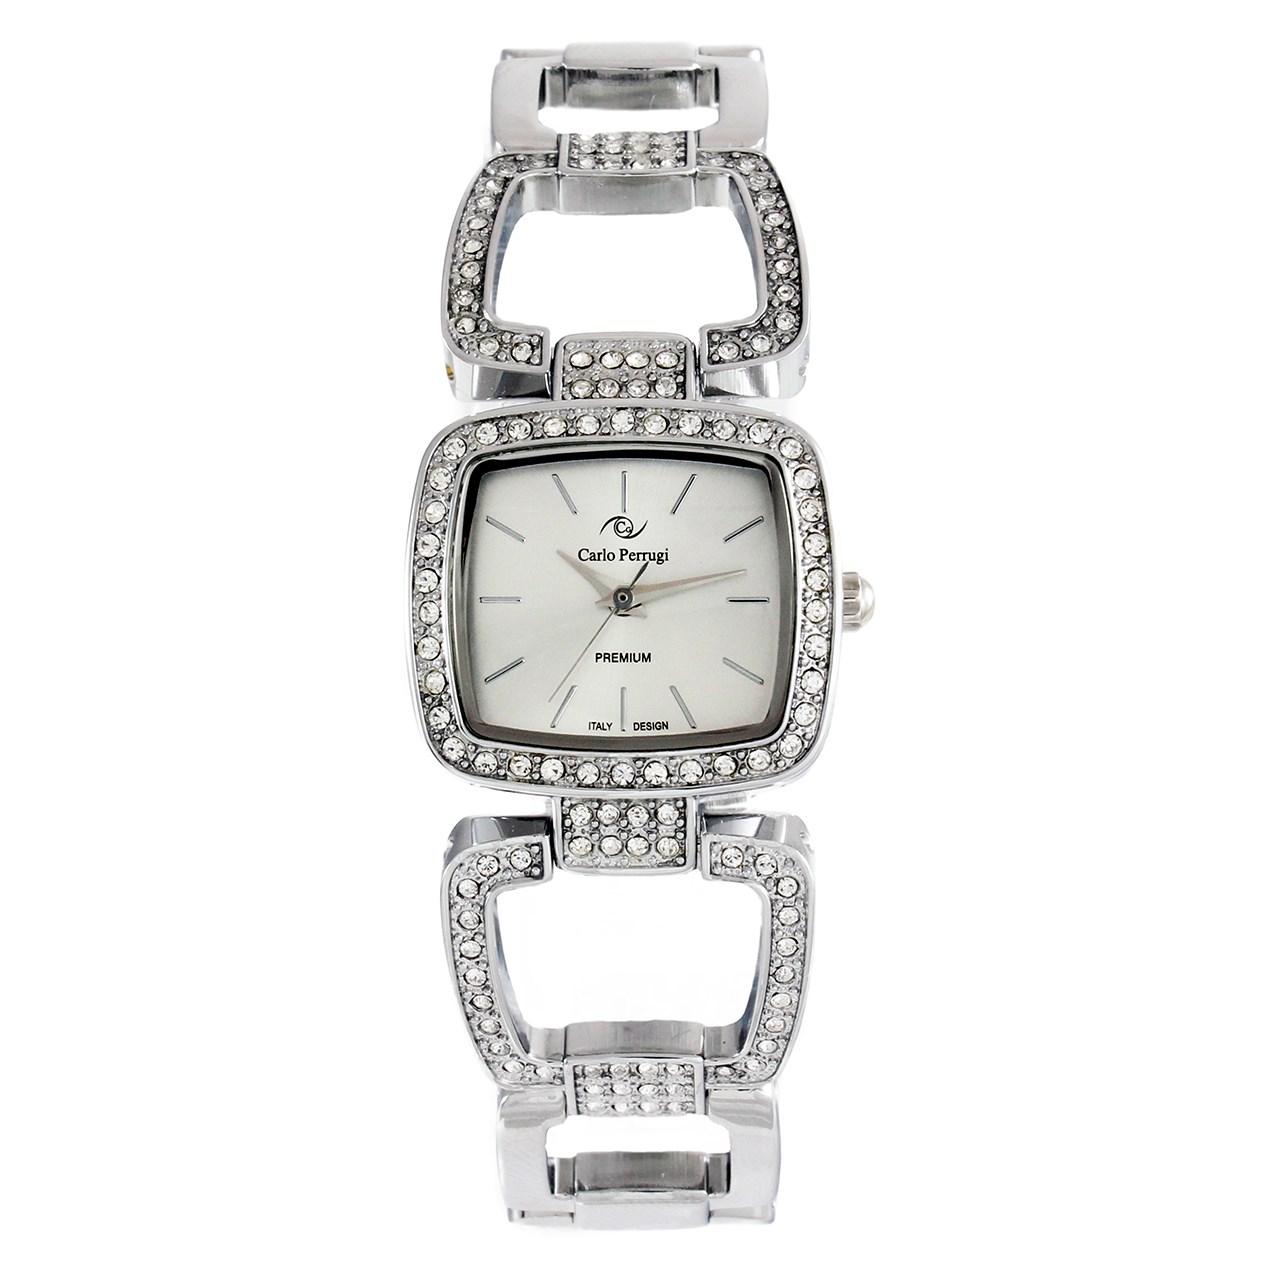 خرید ساعت مچی عقربه ای زنانه کارلو پروجی مدل SL2021-3